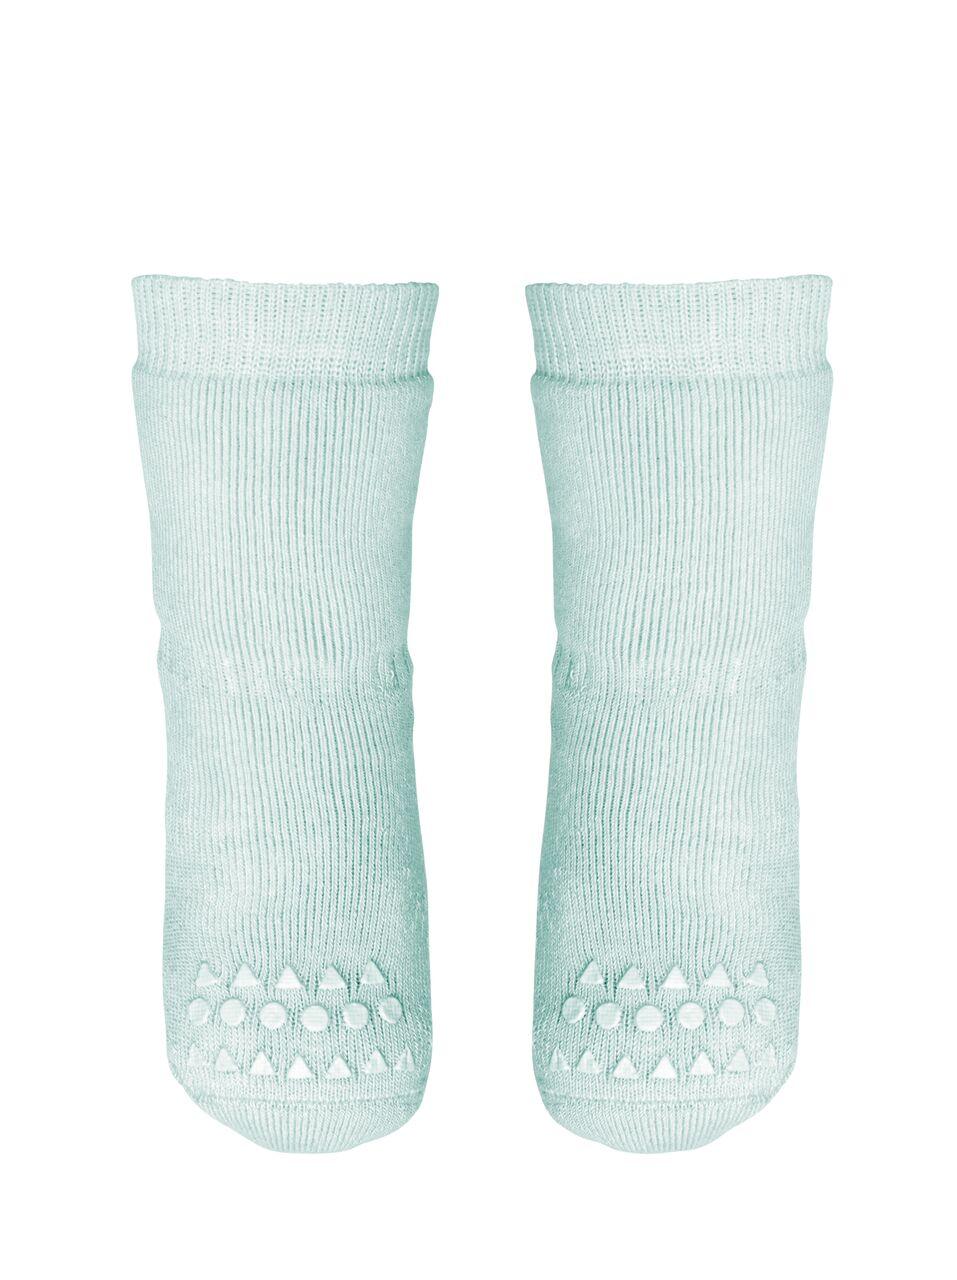 Mėtinės kojinaitės GOBABYGO 2-3 metų vaikams